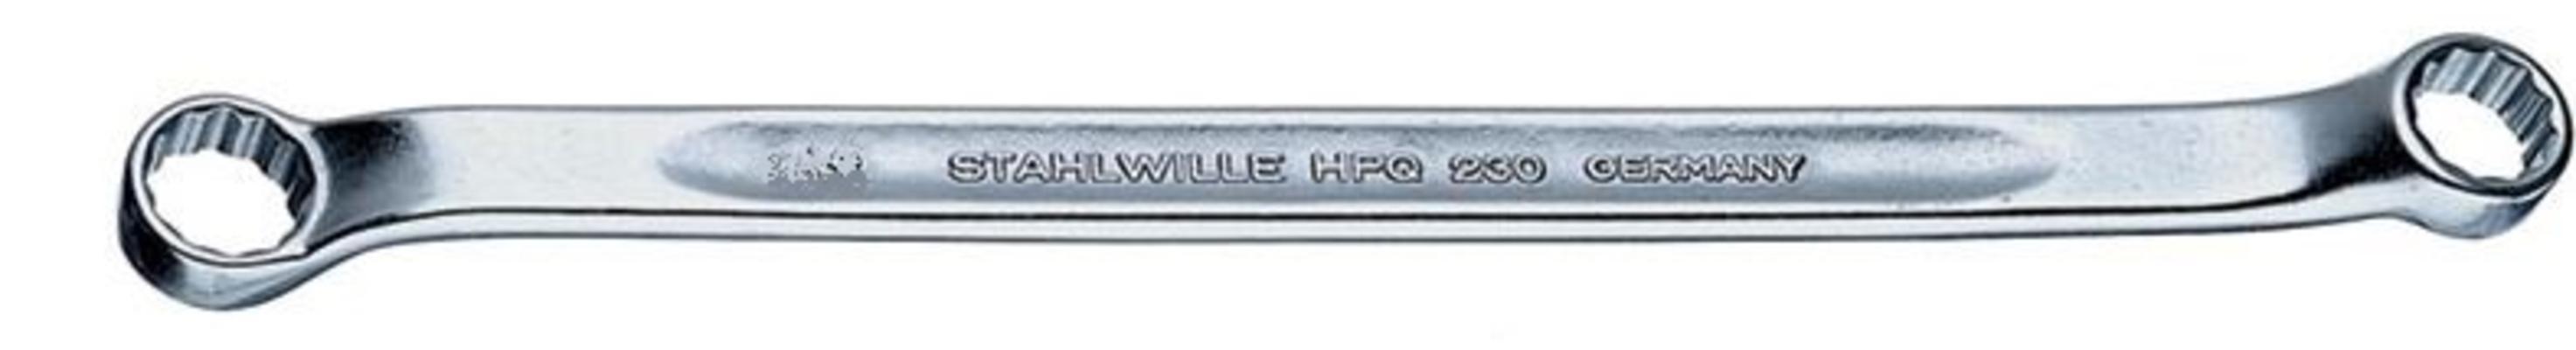 """Silmukka-avain (tuuma), Stahlwille - Silmukka-avain 1/4 x 5/16"""", pituus 180 mm"""